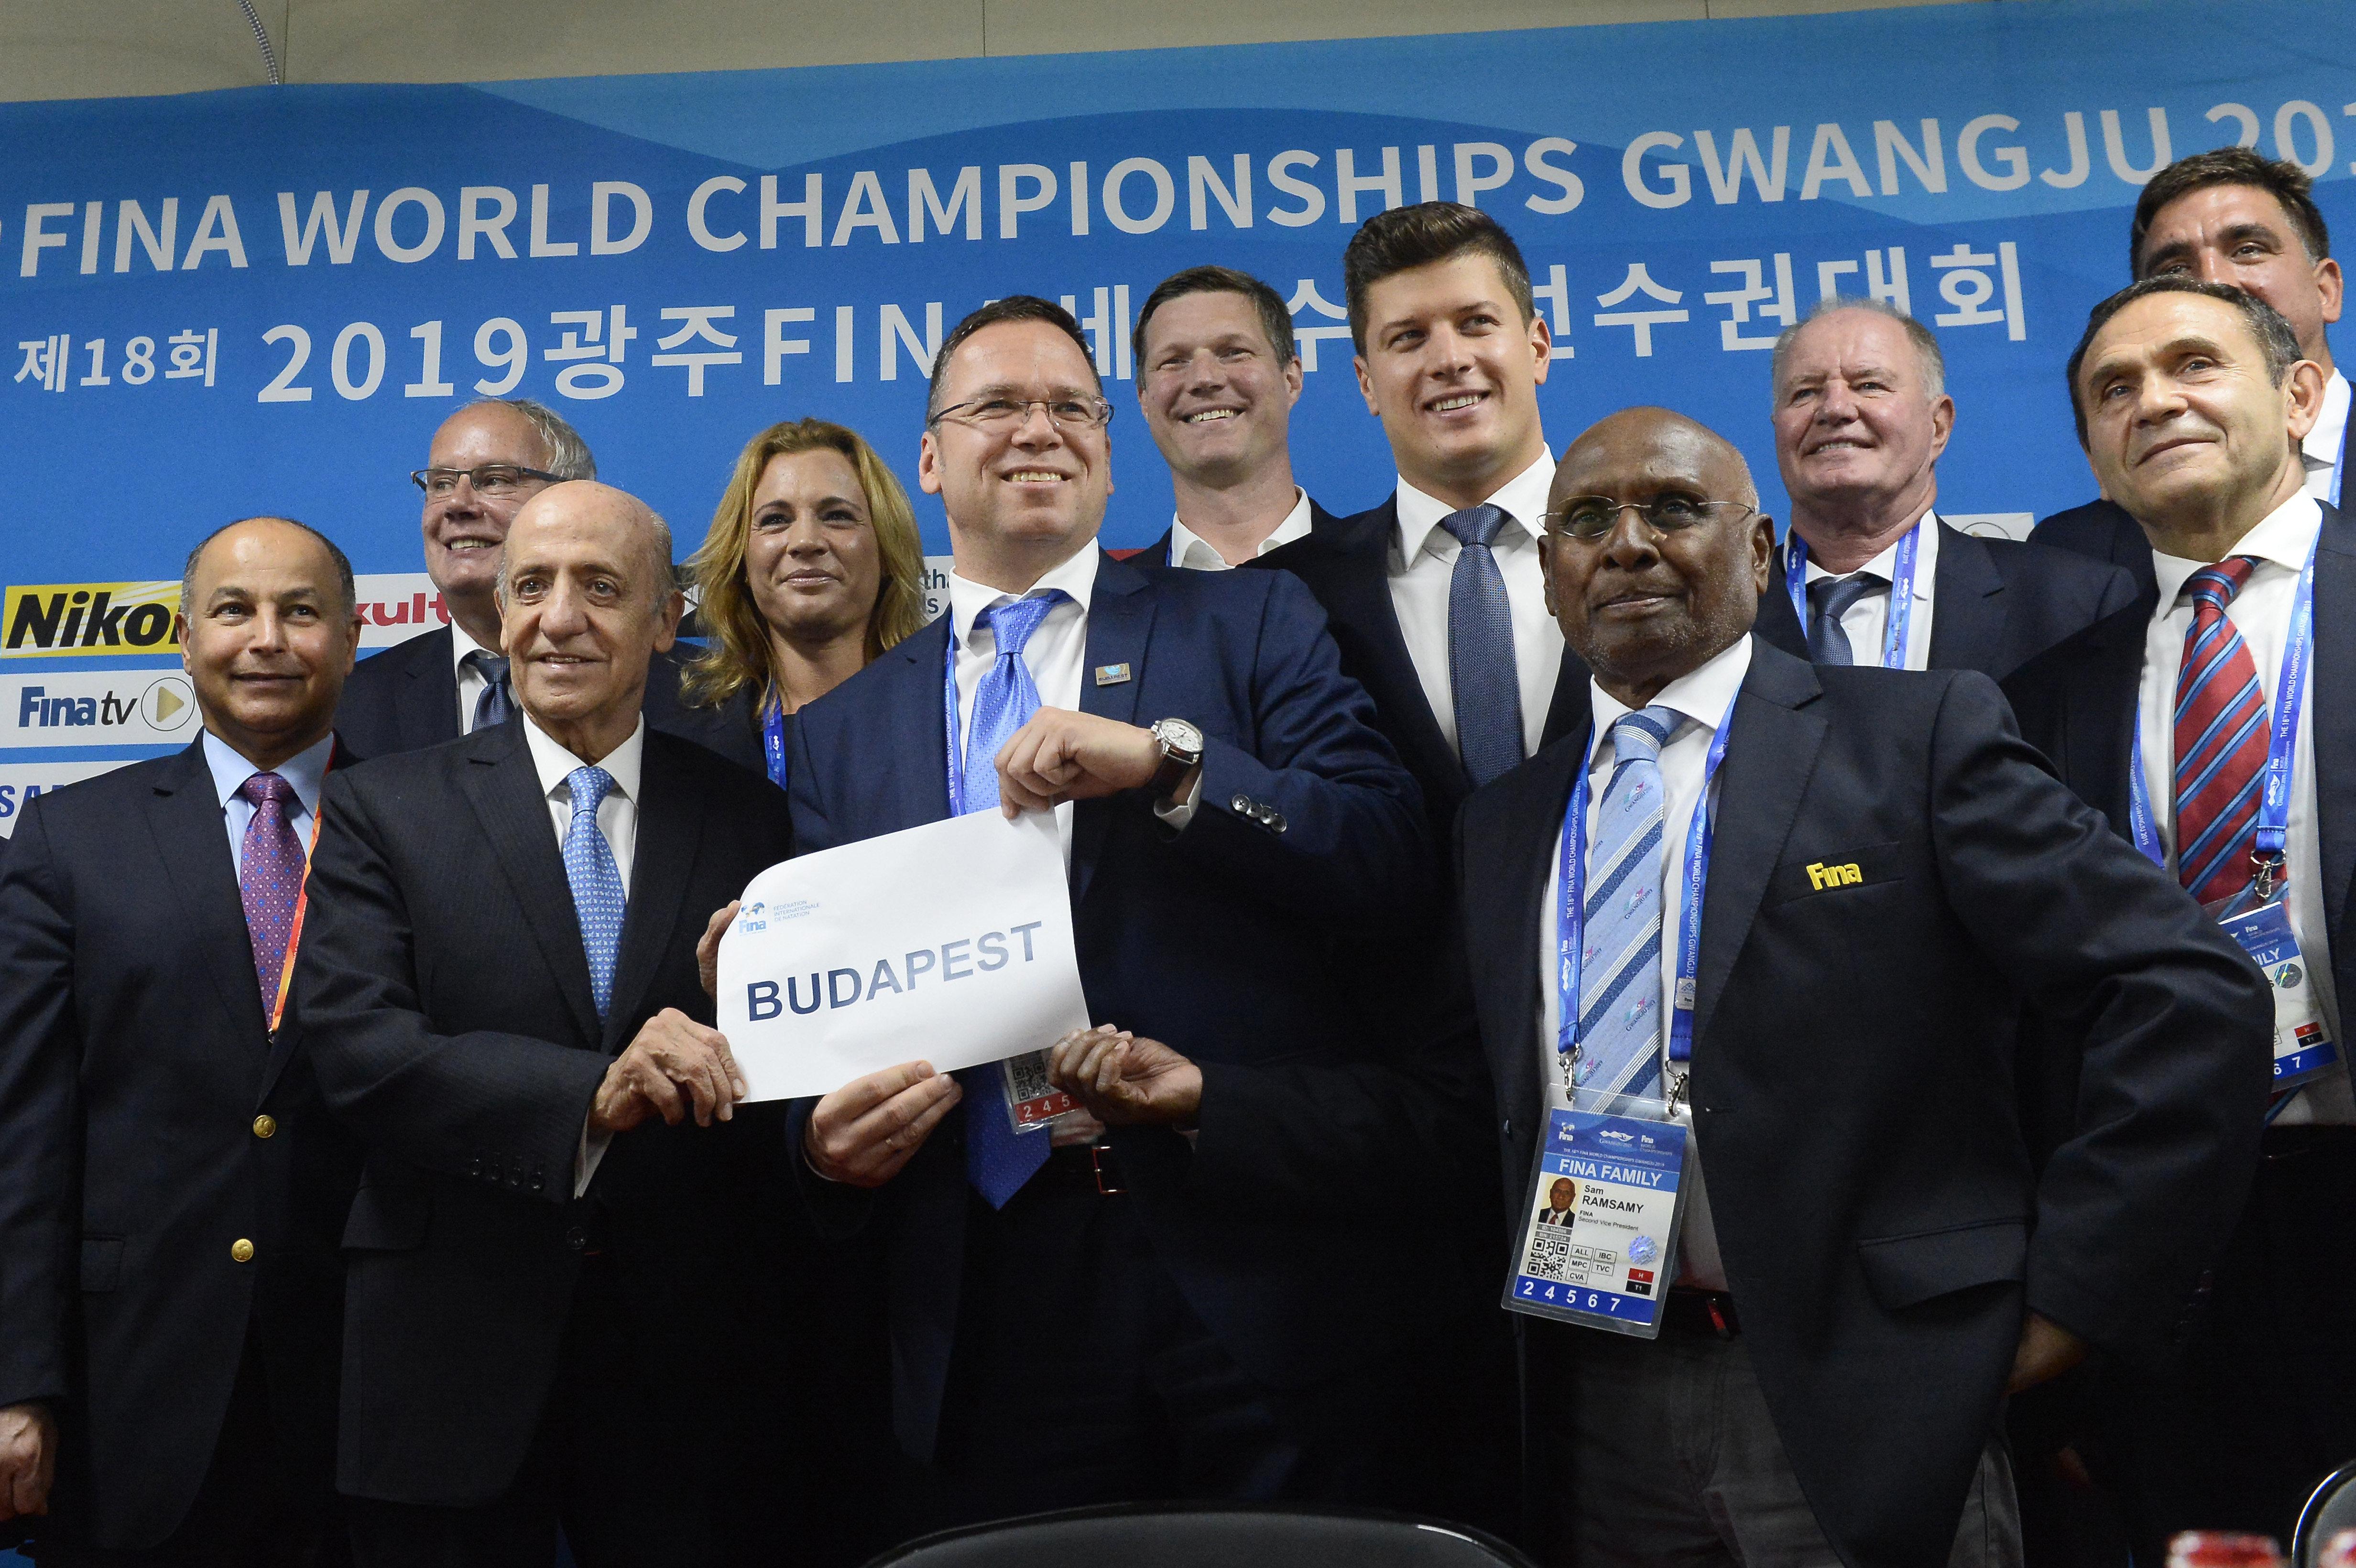 A most véget ért dél-koreai vizes világbajnokság feleannyiból kijött, mint a budapesti